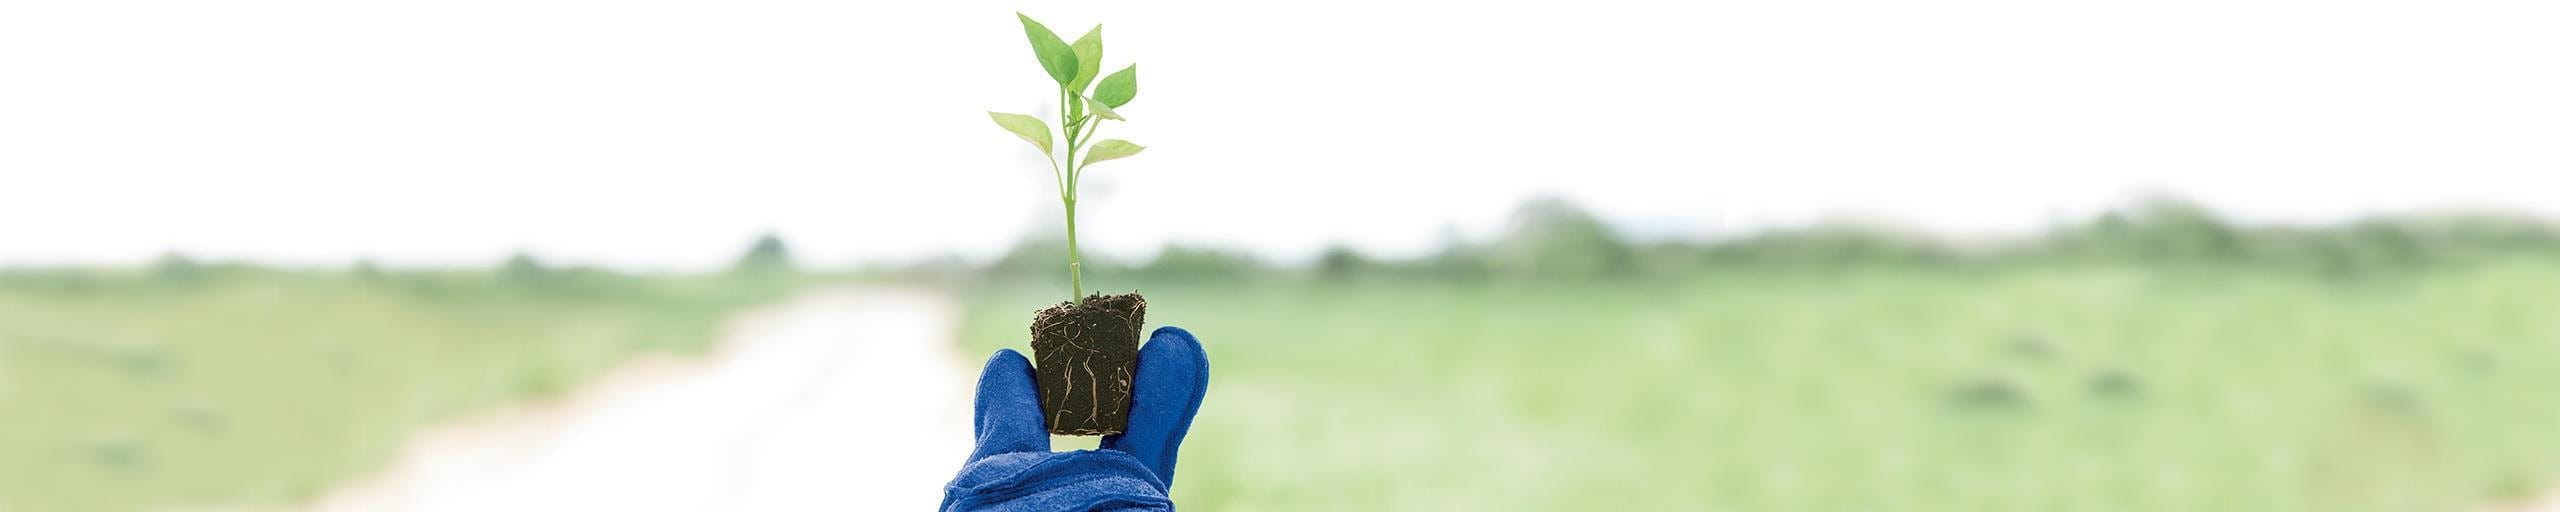 Pflanze mit blauem Handschuh